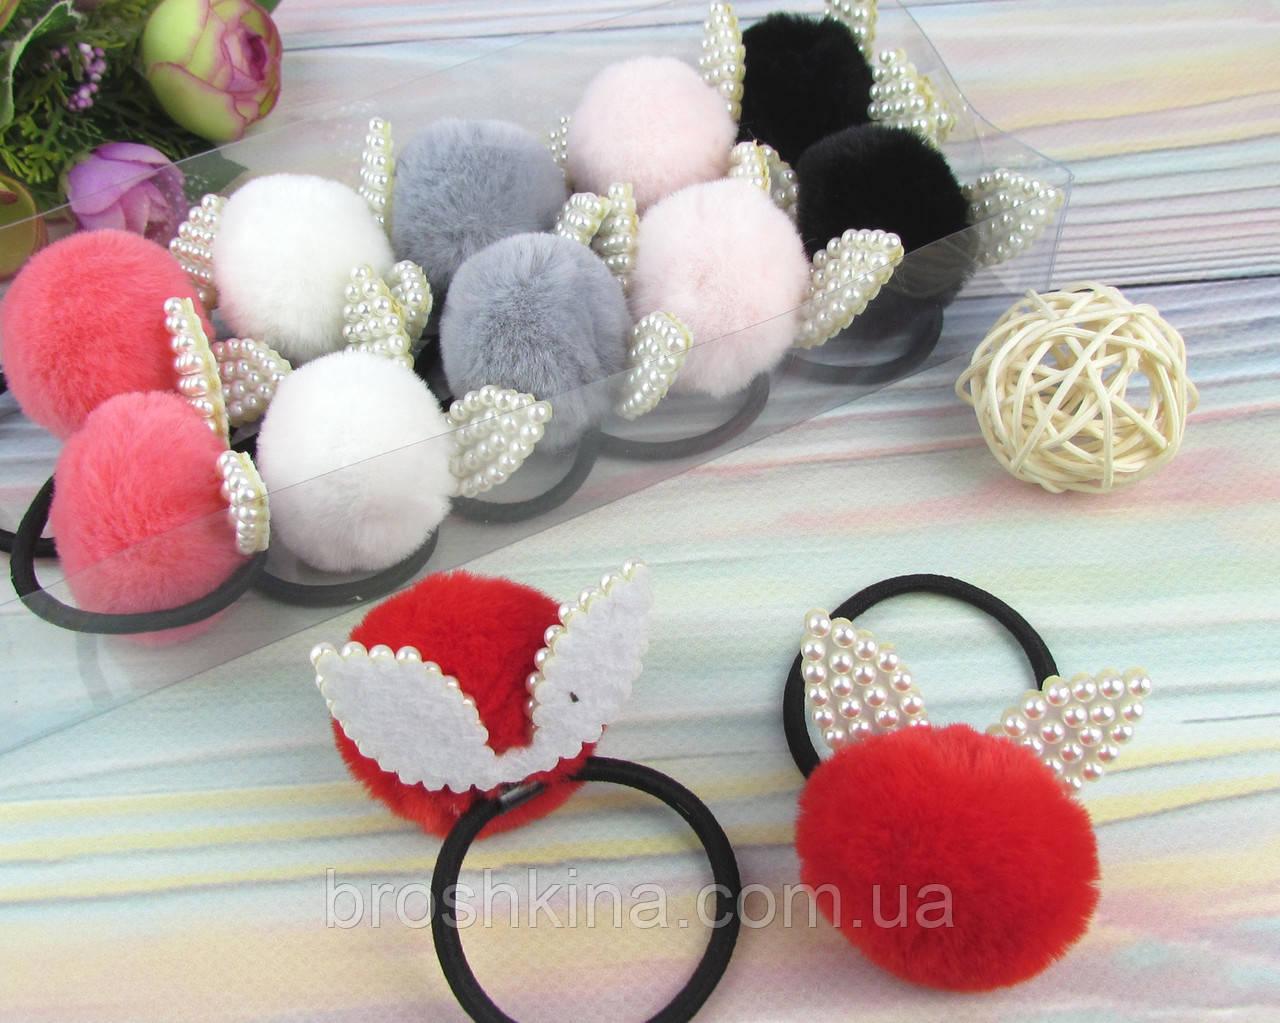 Резинки для волос меховые шарики Ø4 см с ушками 12 шт/уп.